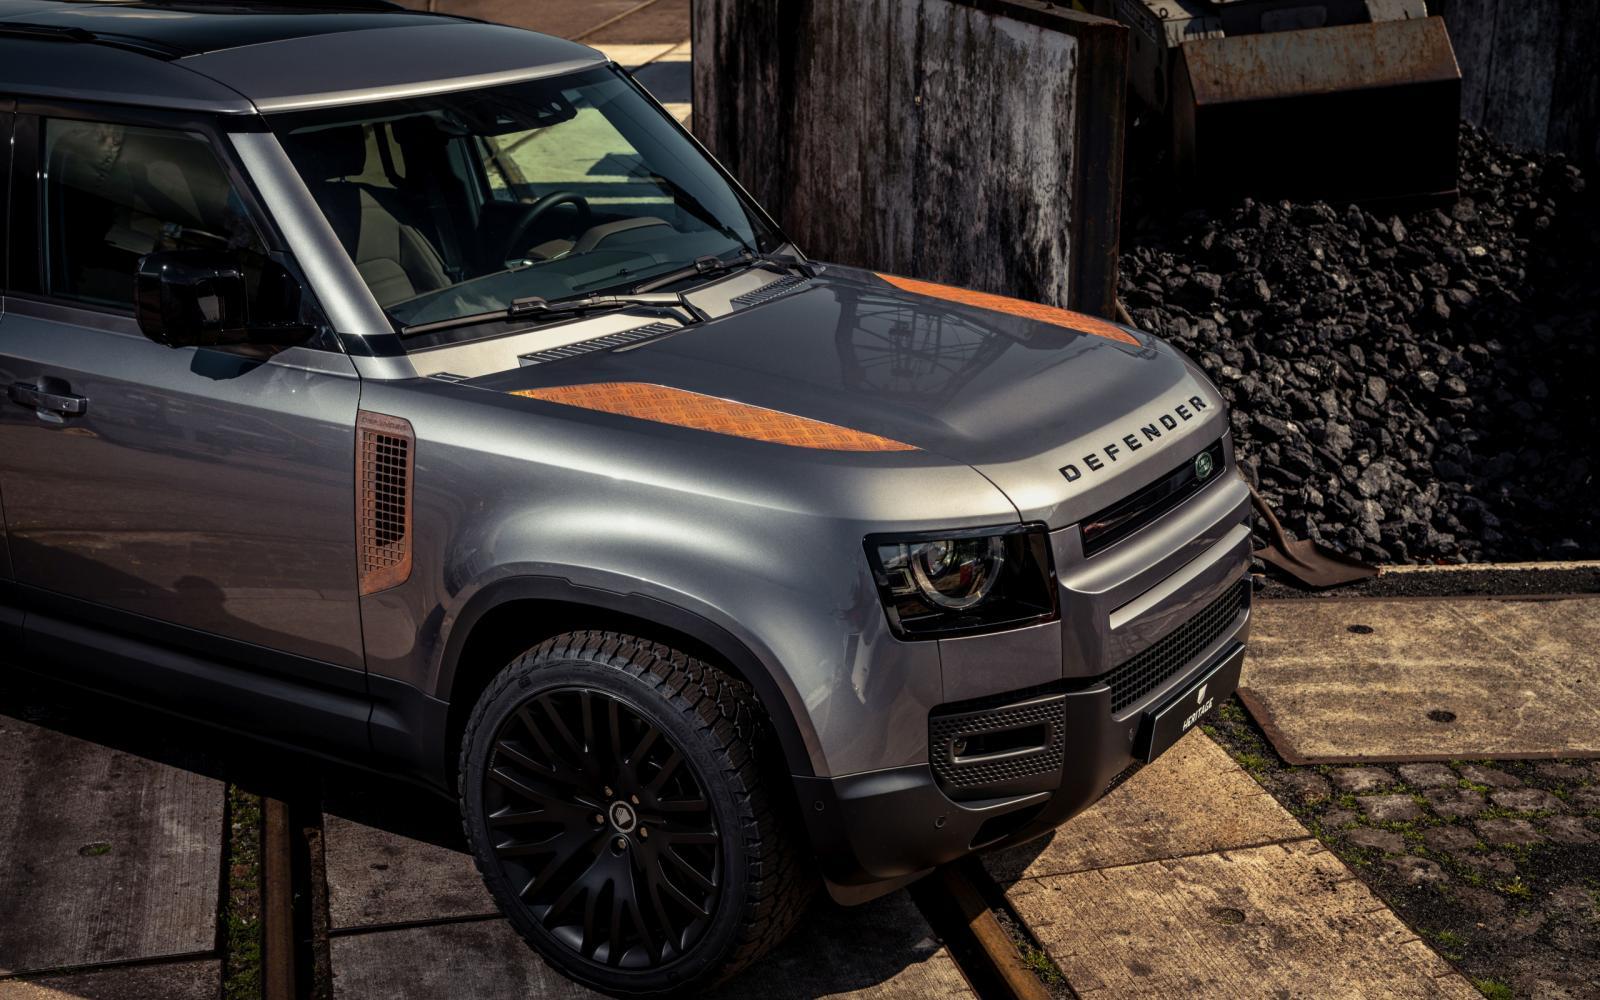 Roest de nieuwe Land Rover Defender nu al? Ja, maar dat is met opzet